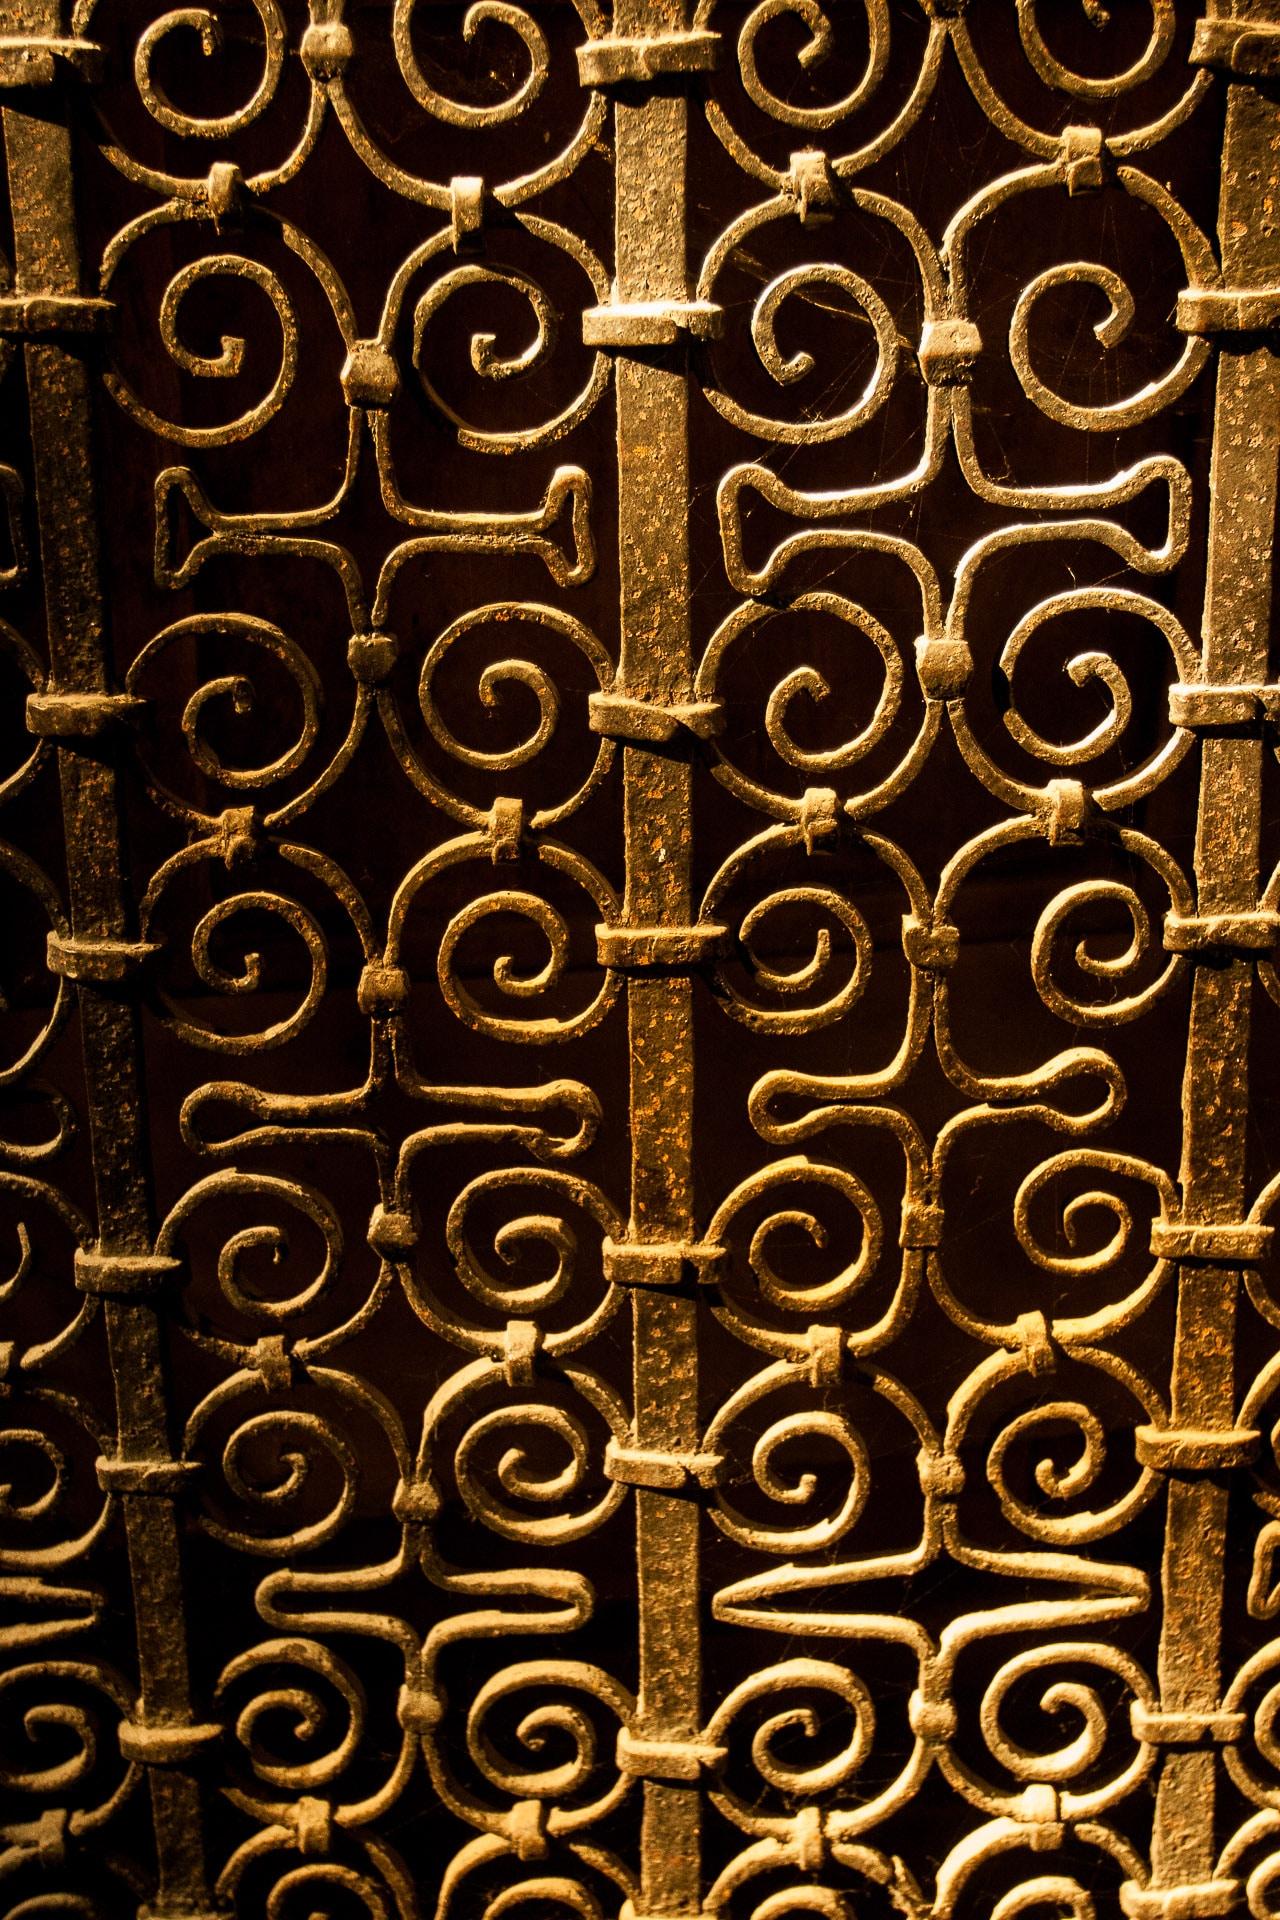 Billom grilles saint-cerneuf P.A.COUMES-4694